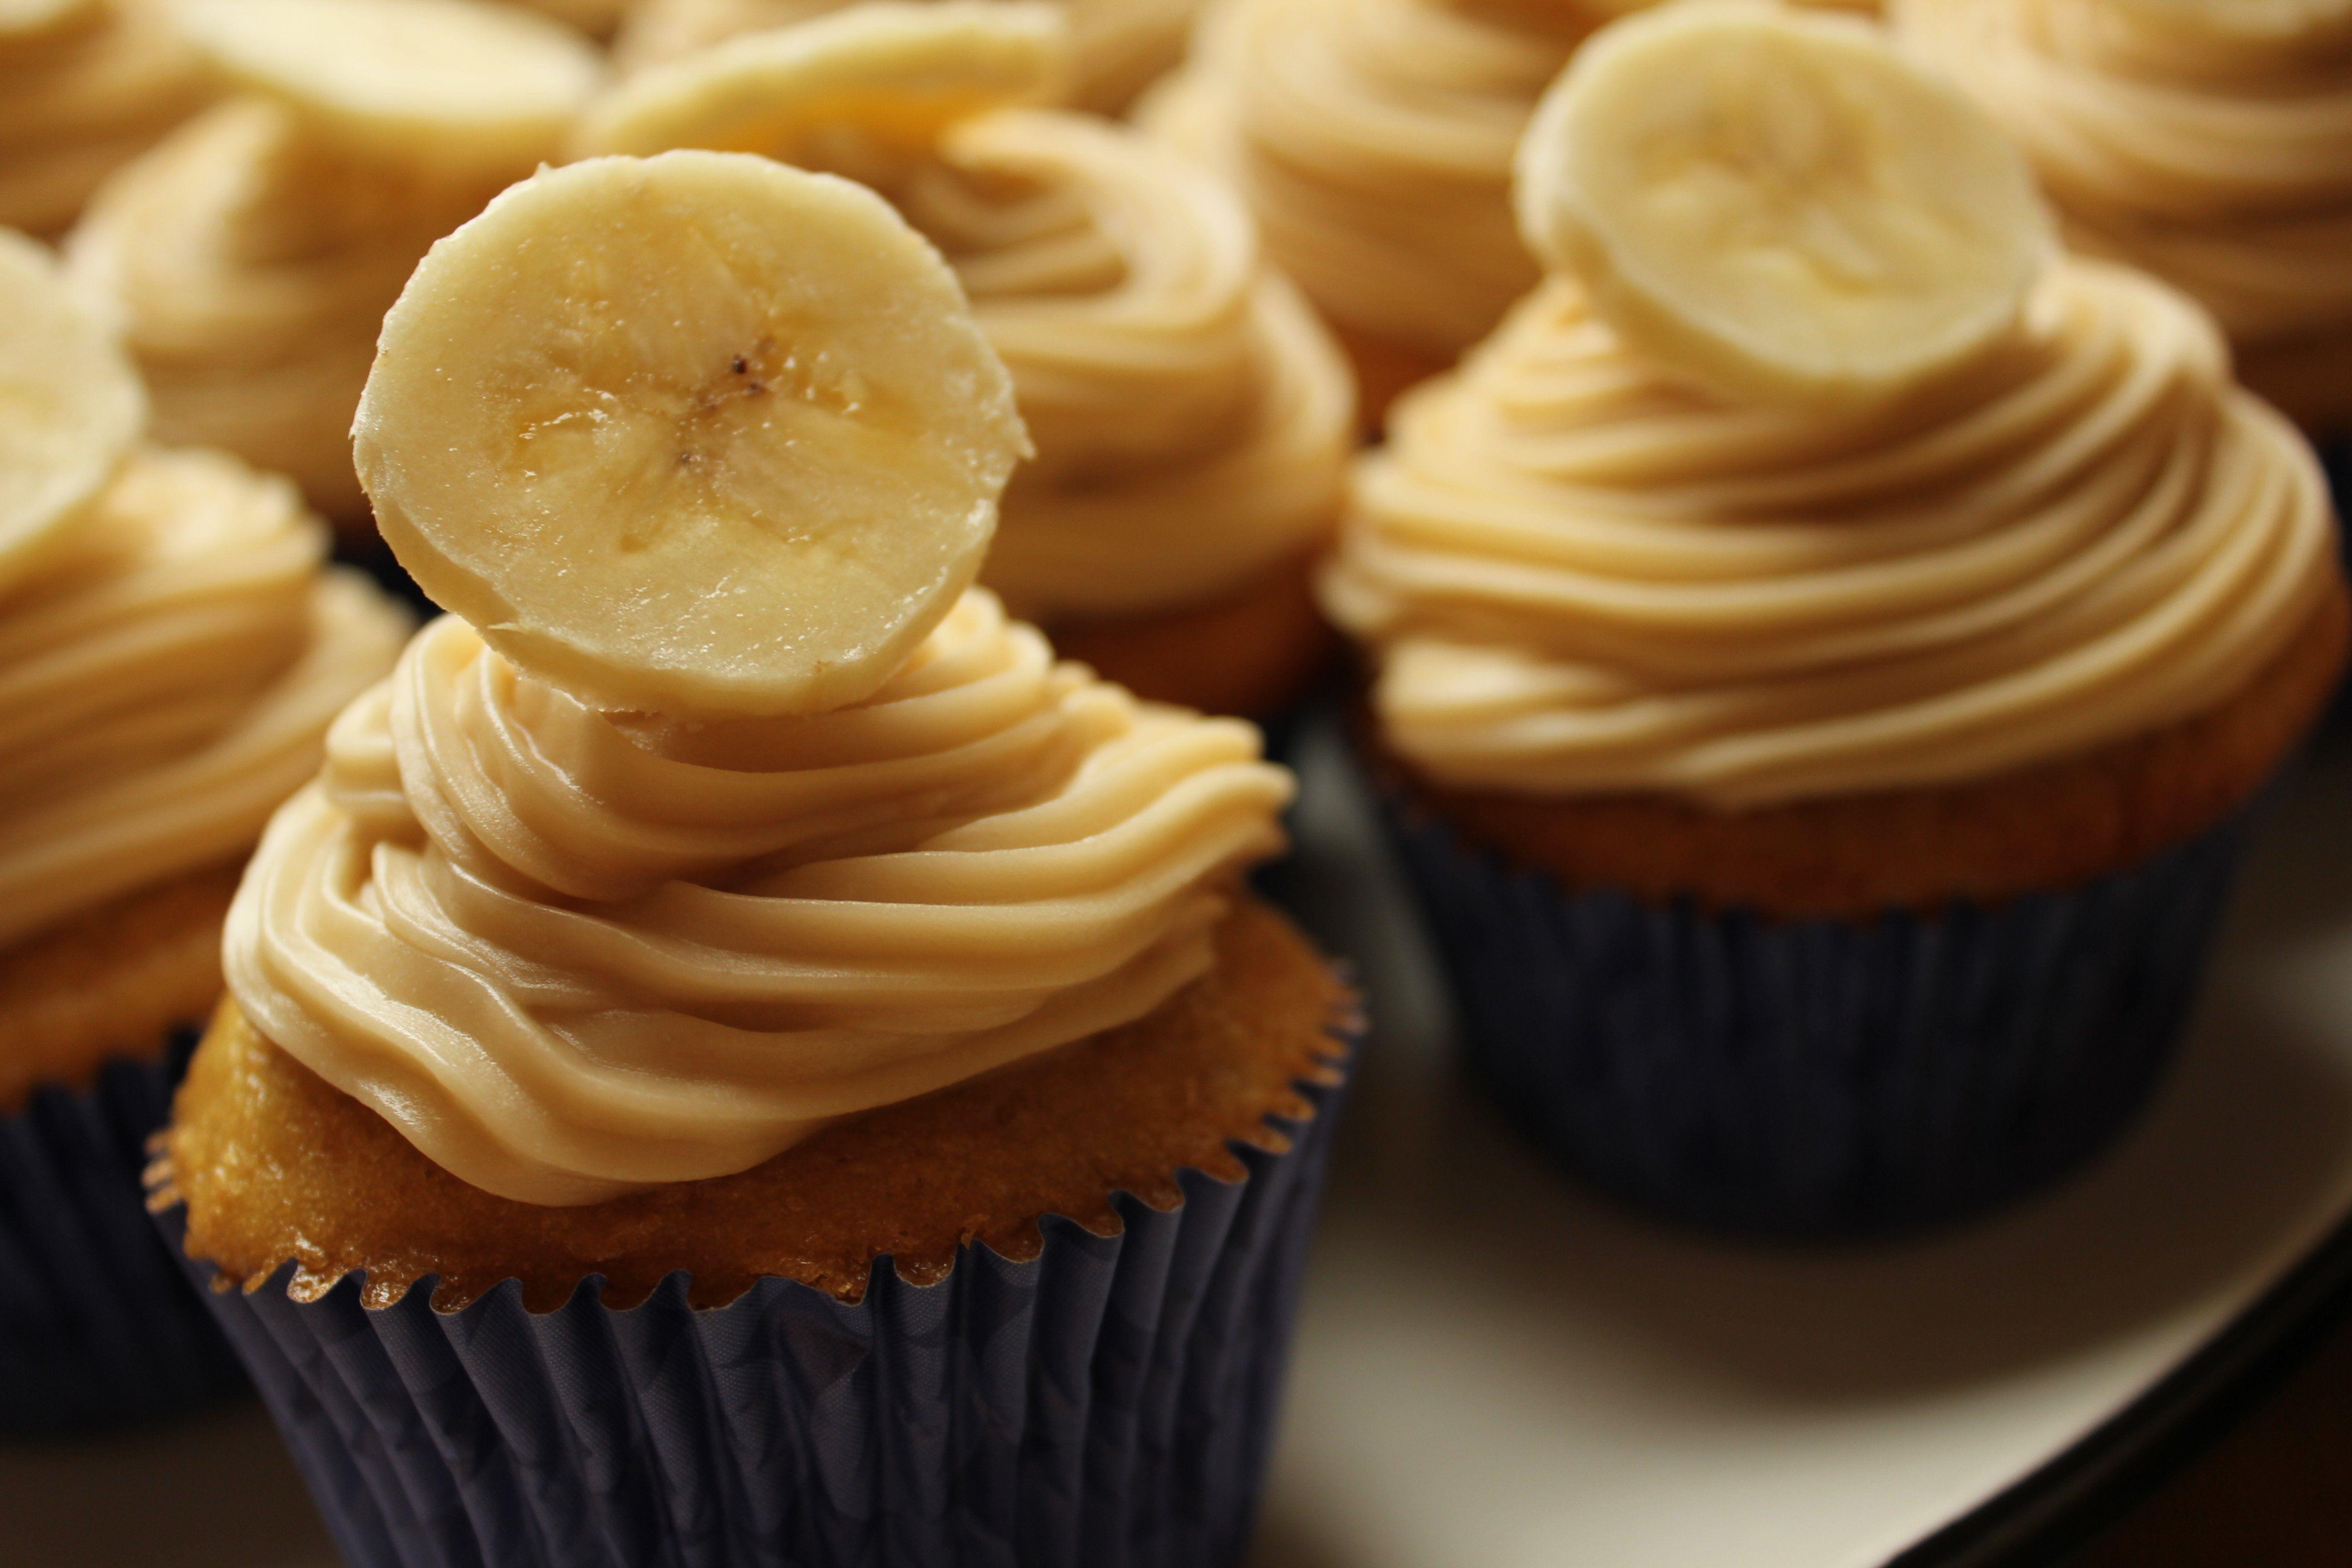 Hoje trouxe uma receita maravilhosa, saudável e fácil de ser preparada, de cupcake diet de banana e aveia. Venham aprender!